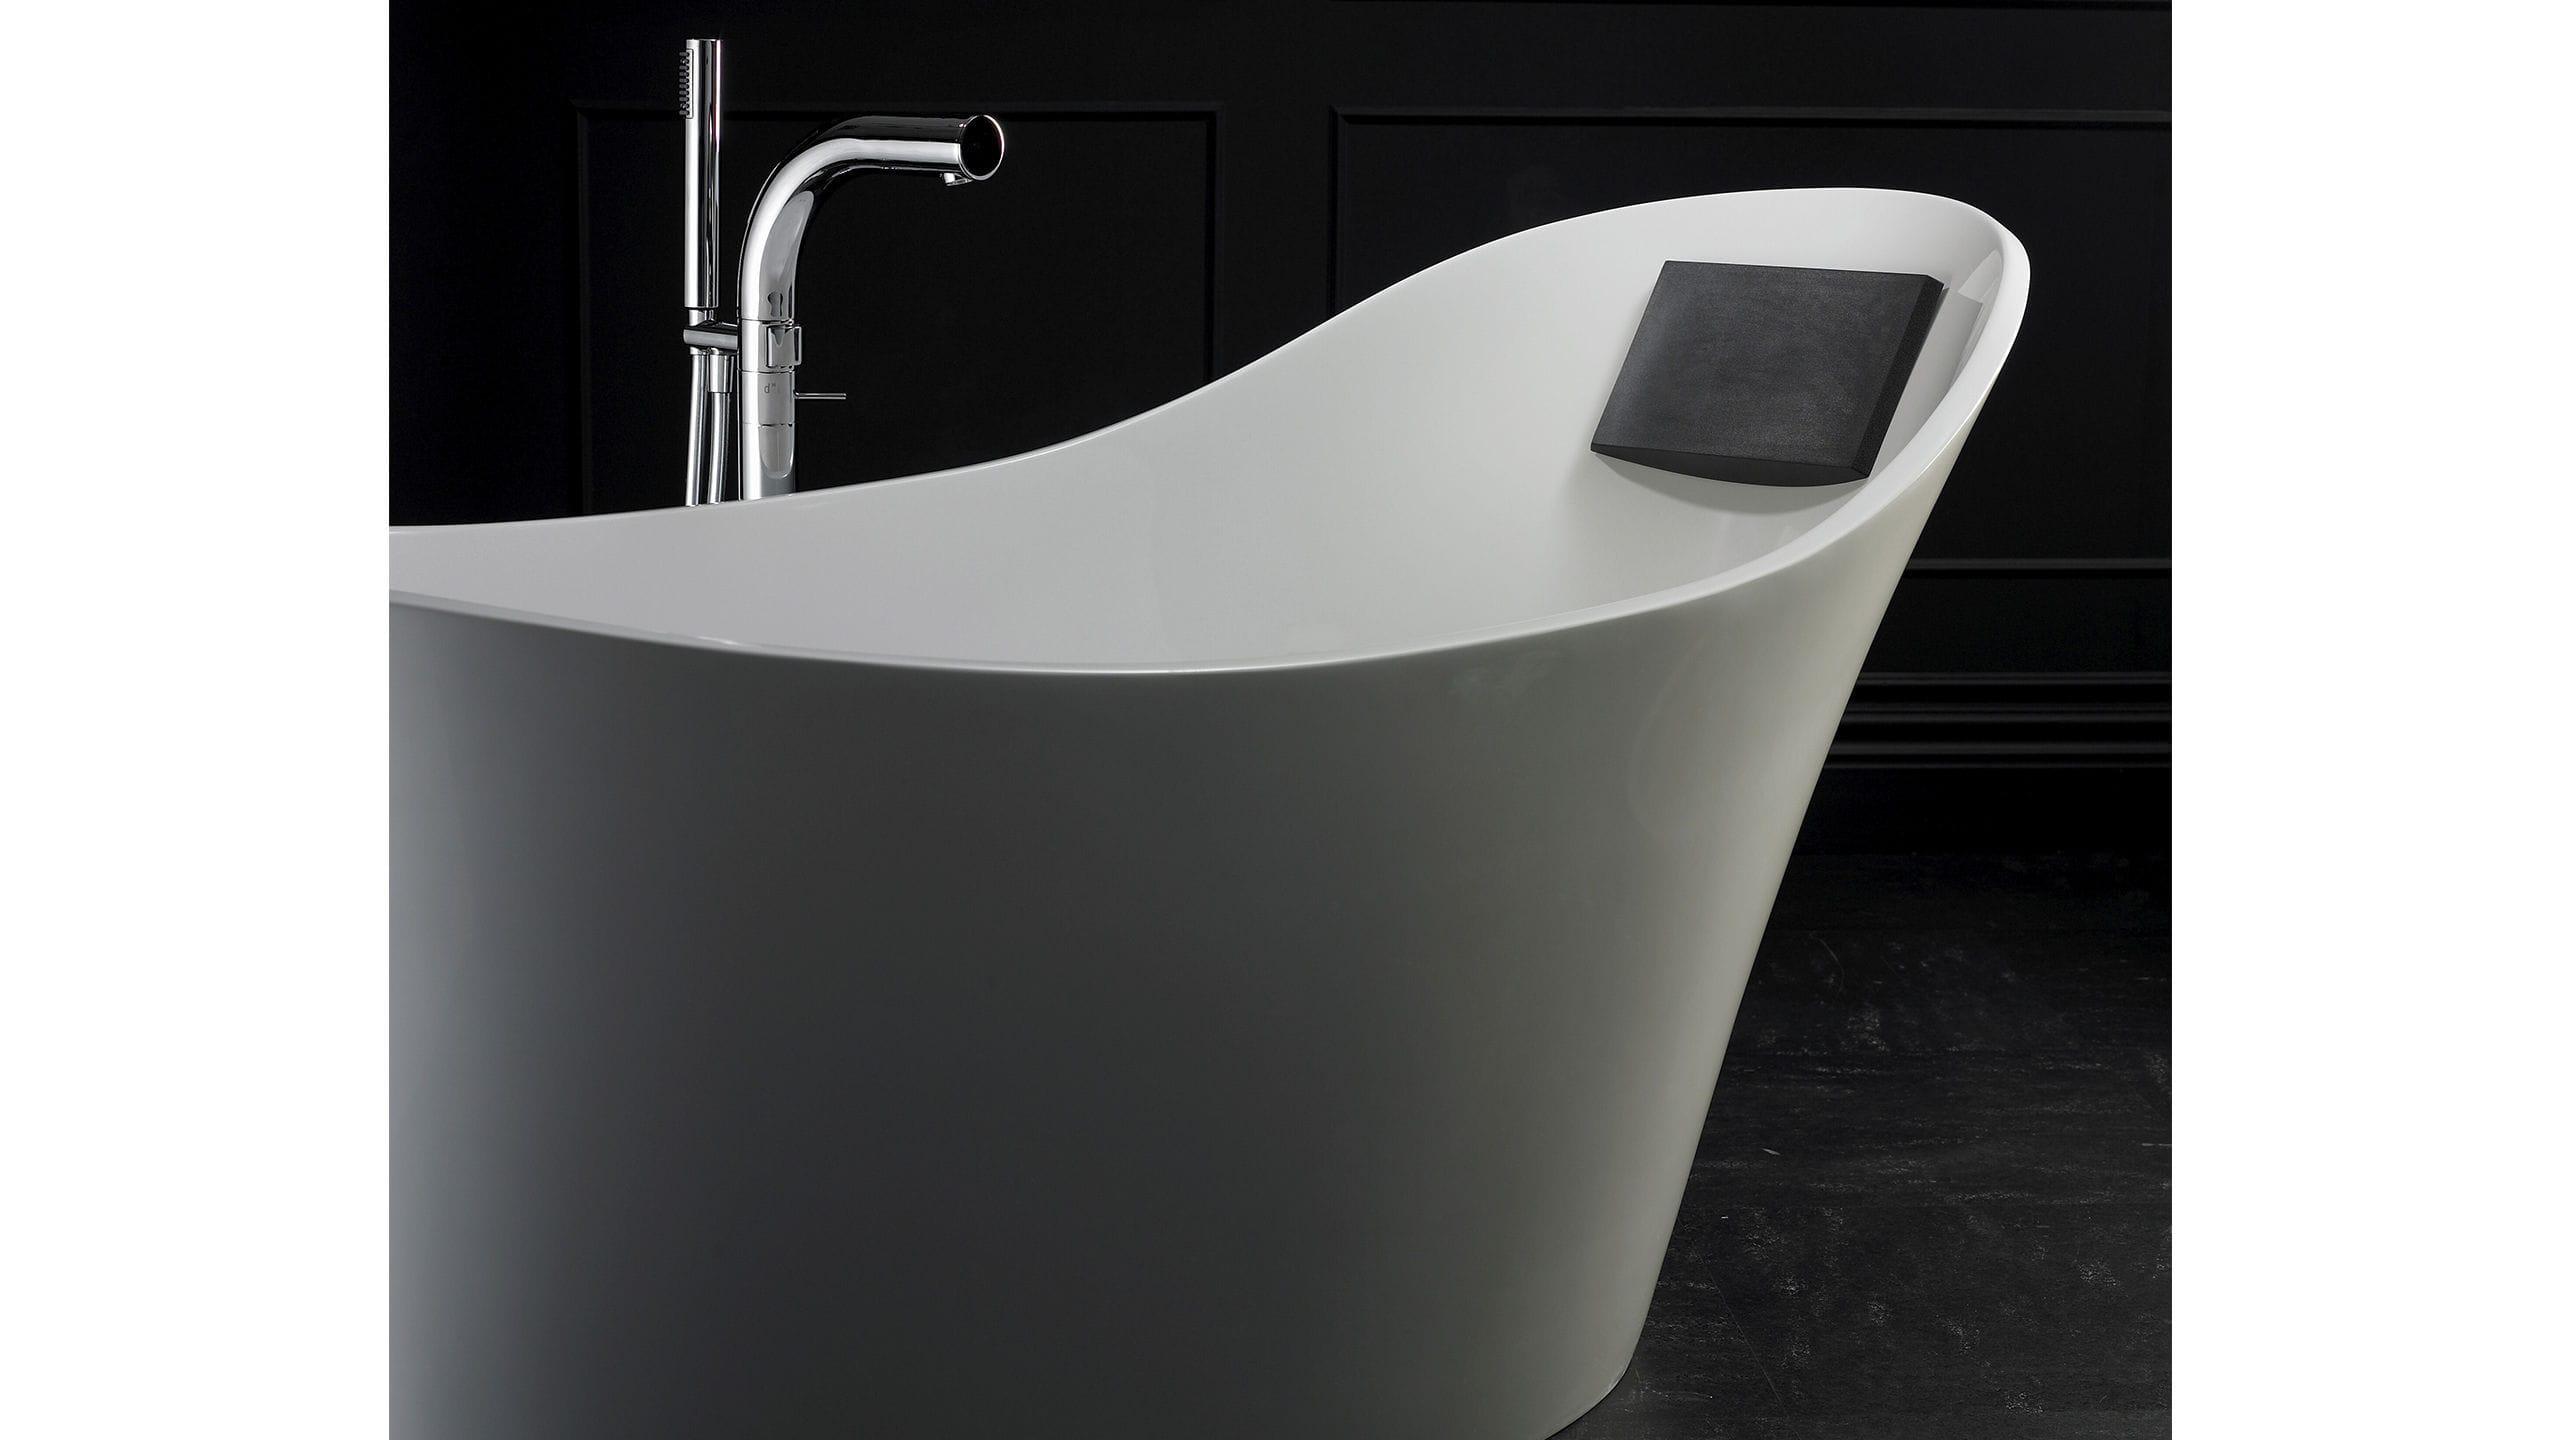 Vasca Da Bagno Amalfi Prezzo : Poggia testa per vasca da bagno amalfi victoria albert